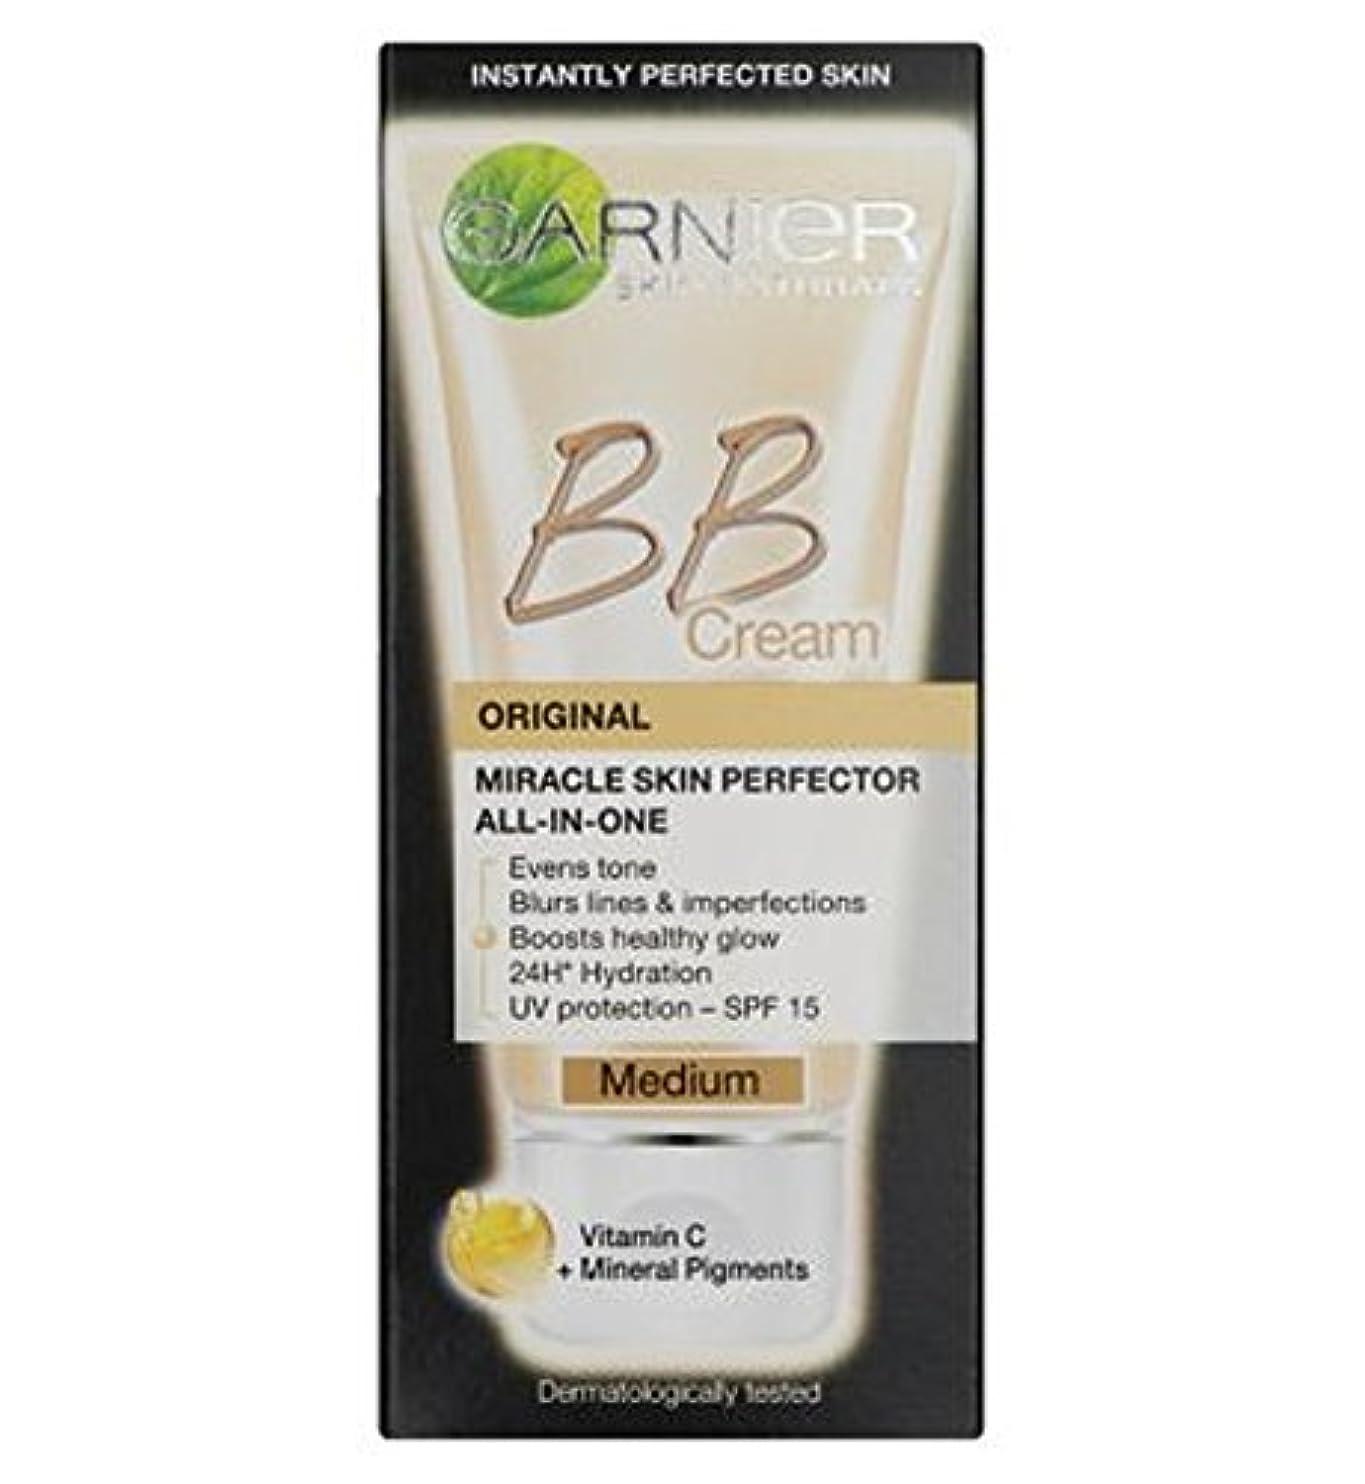 下るささいな請願者毎日オールインワンB.B.ガルニエスキンパーフェク傷バームクリーム培地50ミリリットル (Garnier) (x2) - Garnier Skin Perfector Daily All-In-One B.B. Blemish...